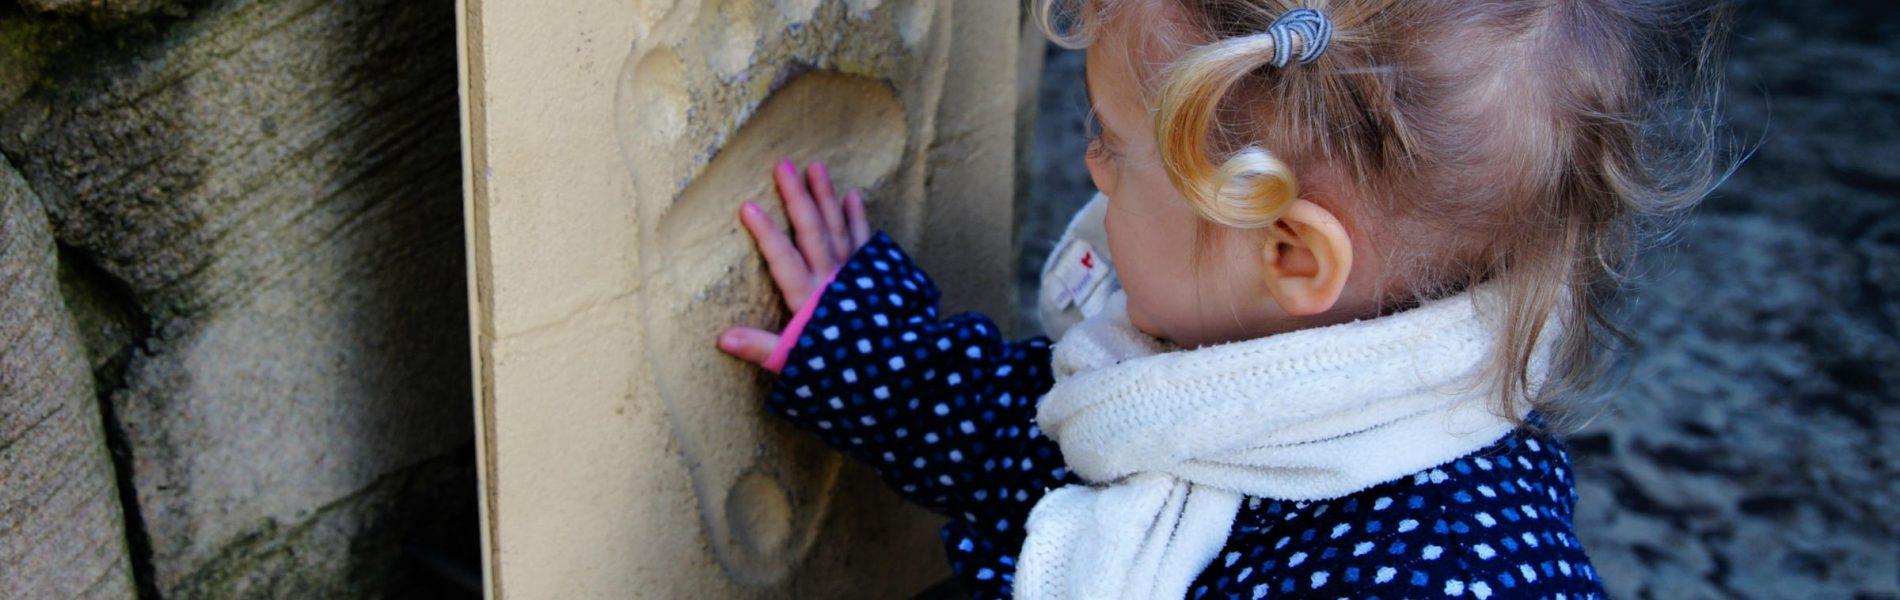 Das Bild zeigt ein Kind, das seine Hand in den Fußabdruck eines Eisbären legt. Die Pfote des Eisbären ist weitaus größer, als die Hand des Kindes.